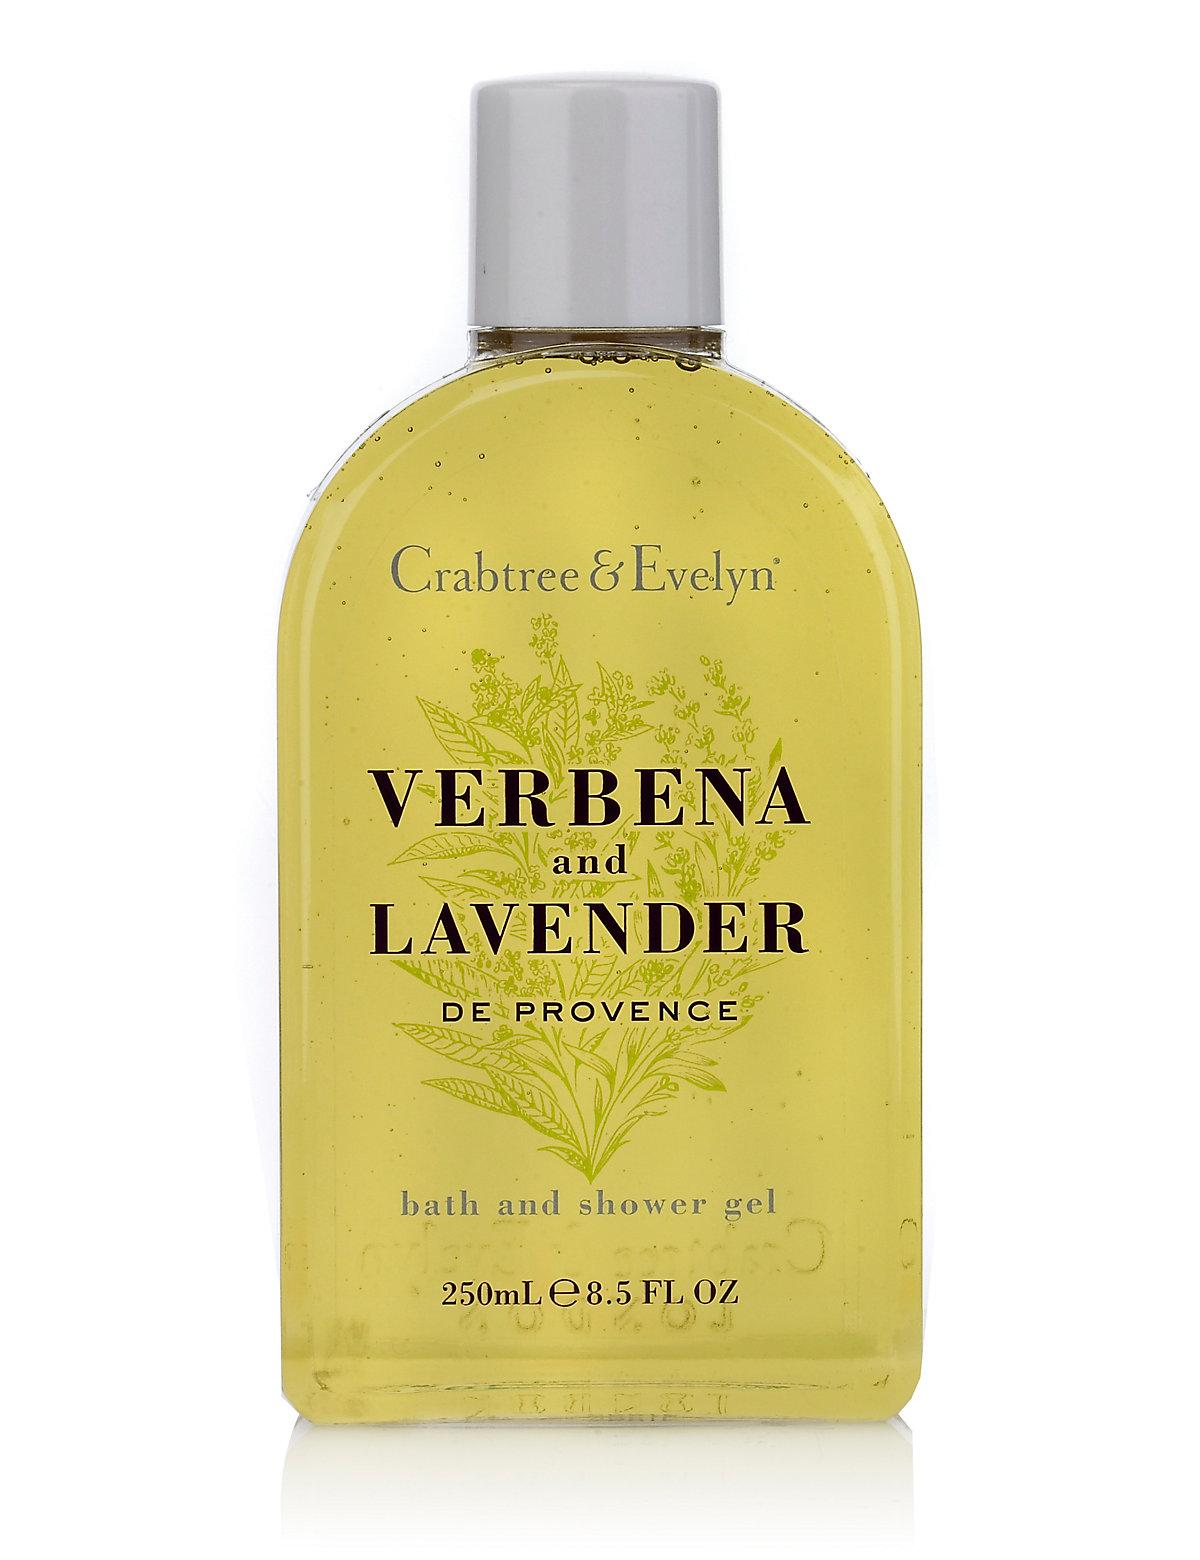 Image of Crabtree & Evelyn Verbena Lavender Shower Gel 250ml